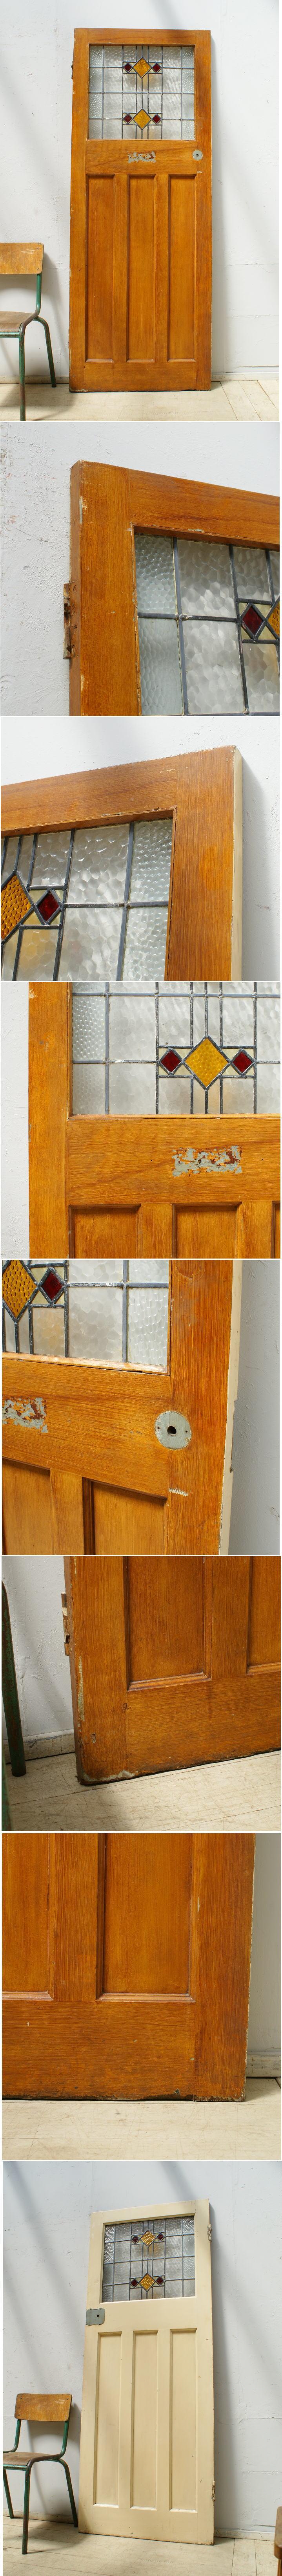 イギリス アンティーク ステンドグラス入り木製ドア 扉 ディスプレイ 建具 6461